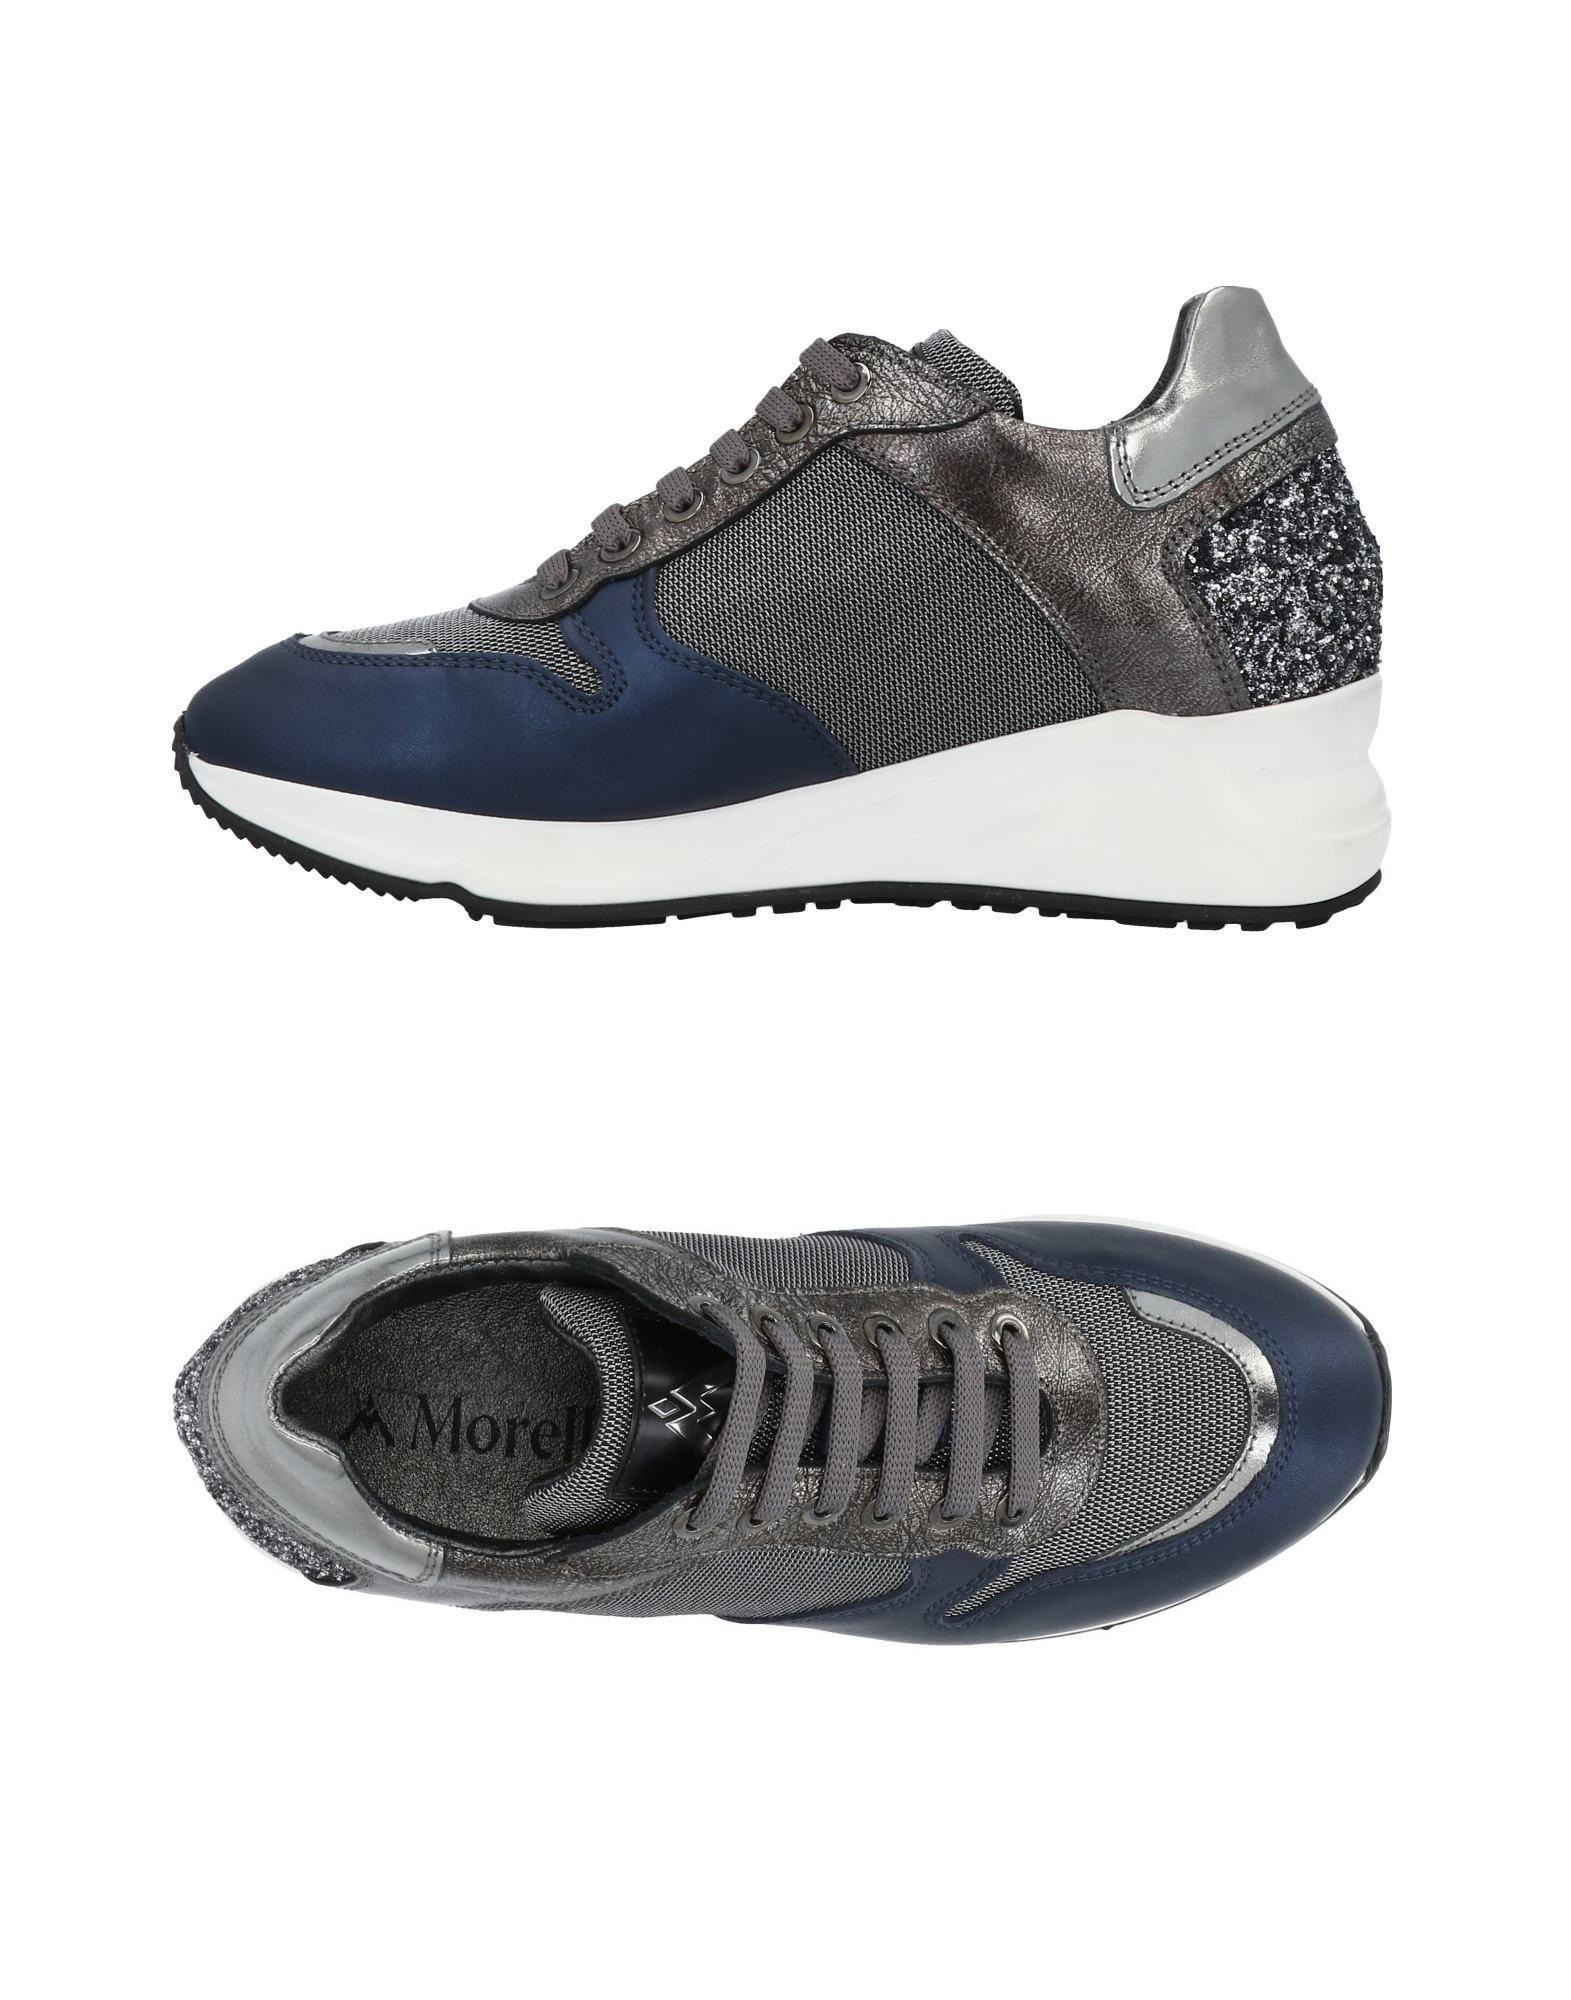 Andrea Morelli Sneakers Damen  11485268RT